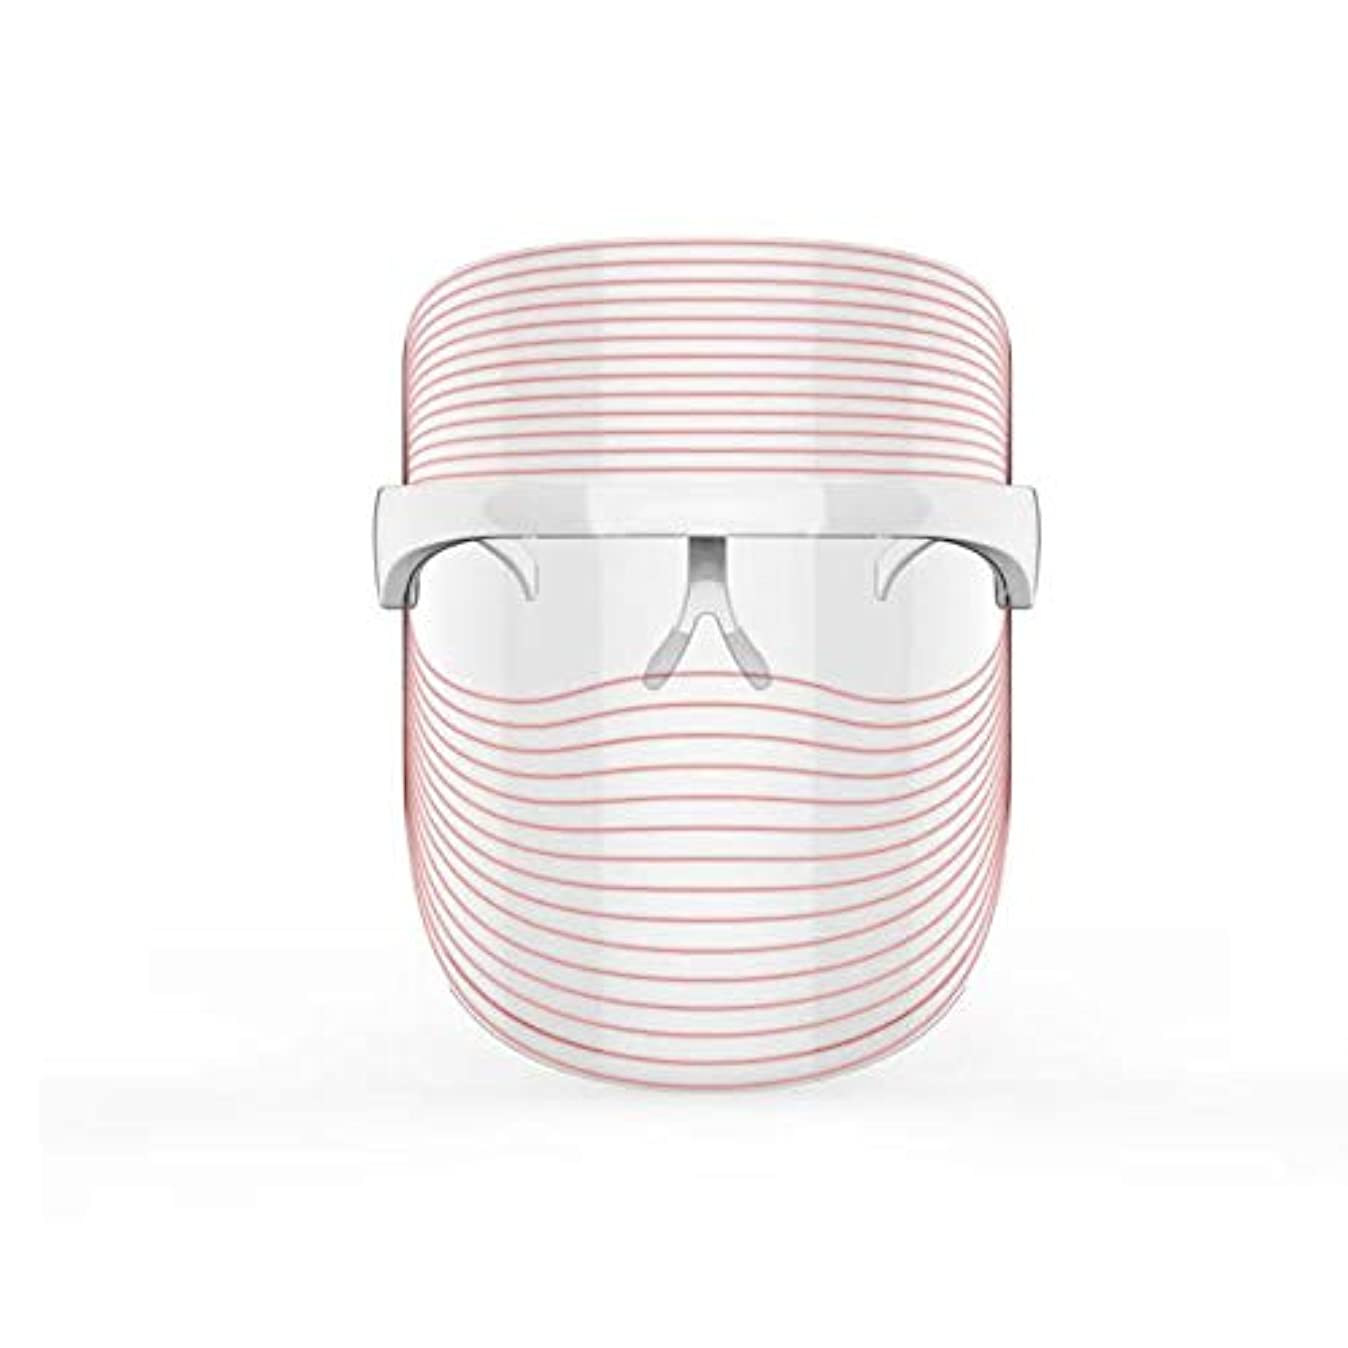 アダルトロードハウス下線3色LEDマスクフェイス&ネックネオン白熱LEDフェイスマスク電動フェイシャルスキンケアフェイススキンビューティー